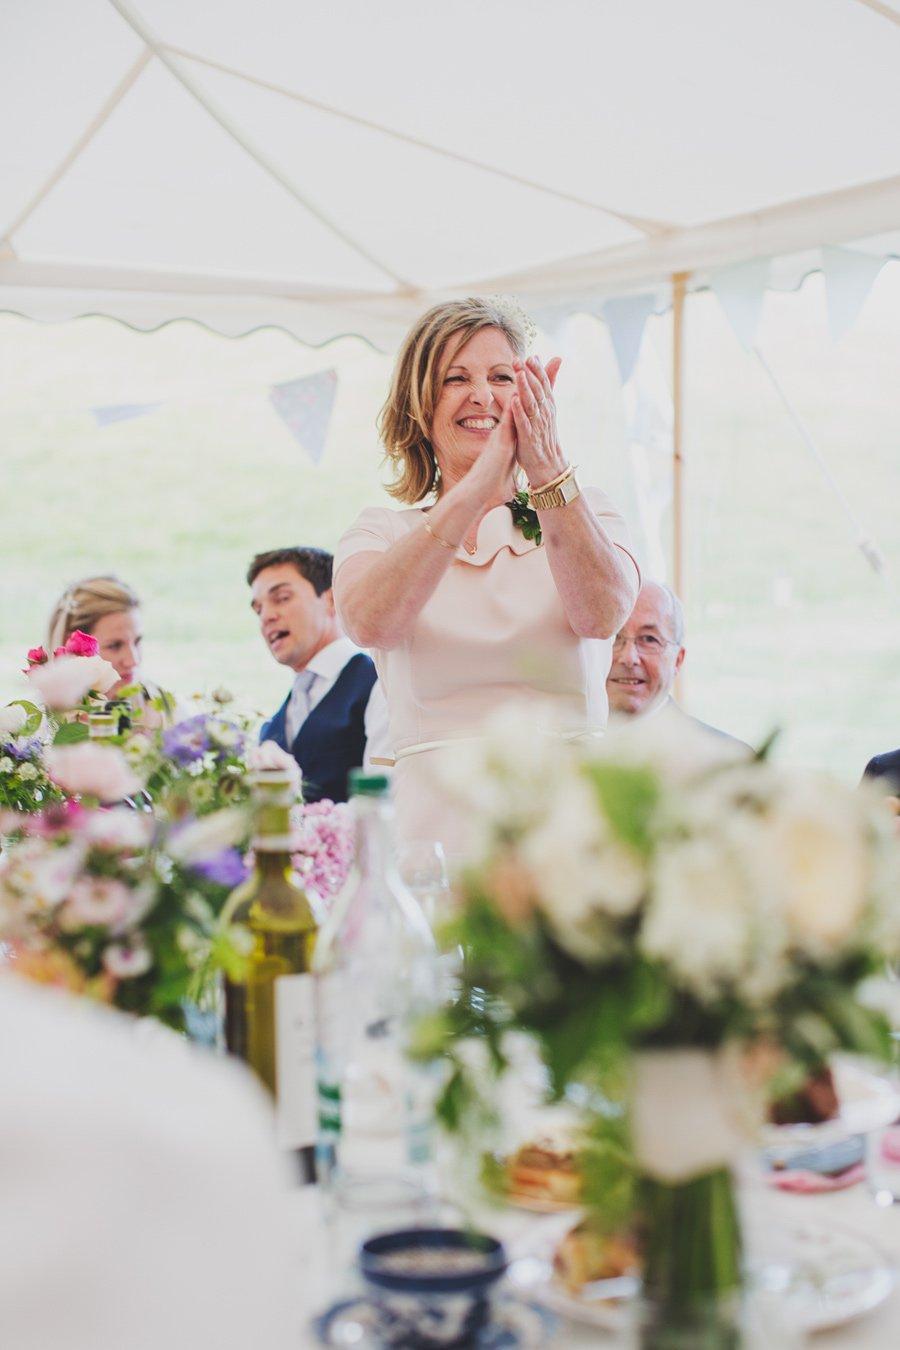 East-Meon-Wedding-Photography-Fazackarley-Katy-and-James-100